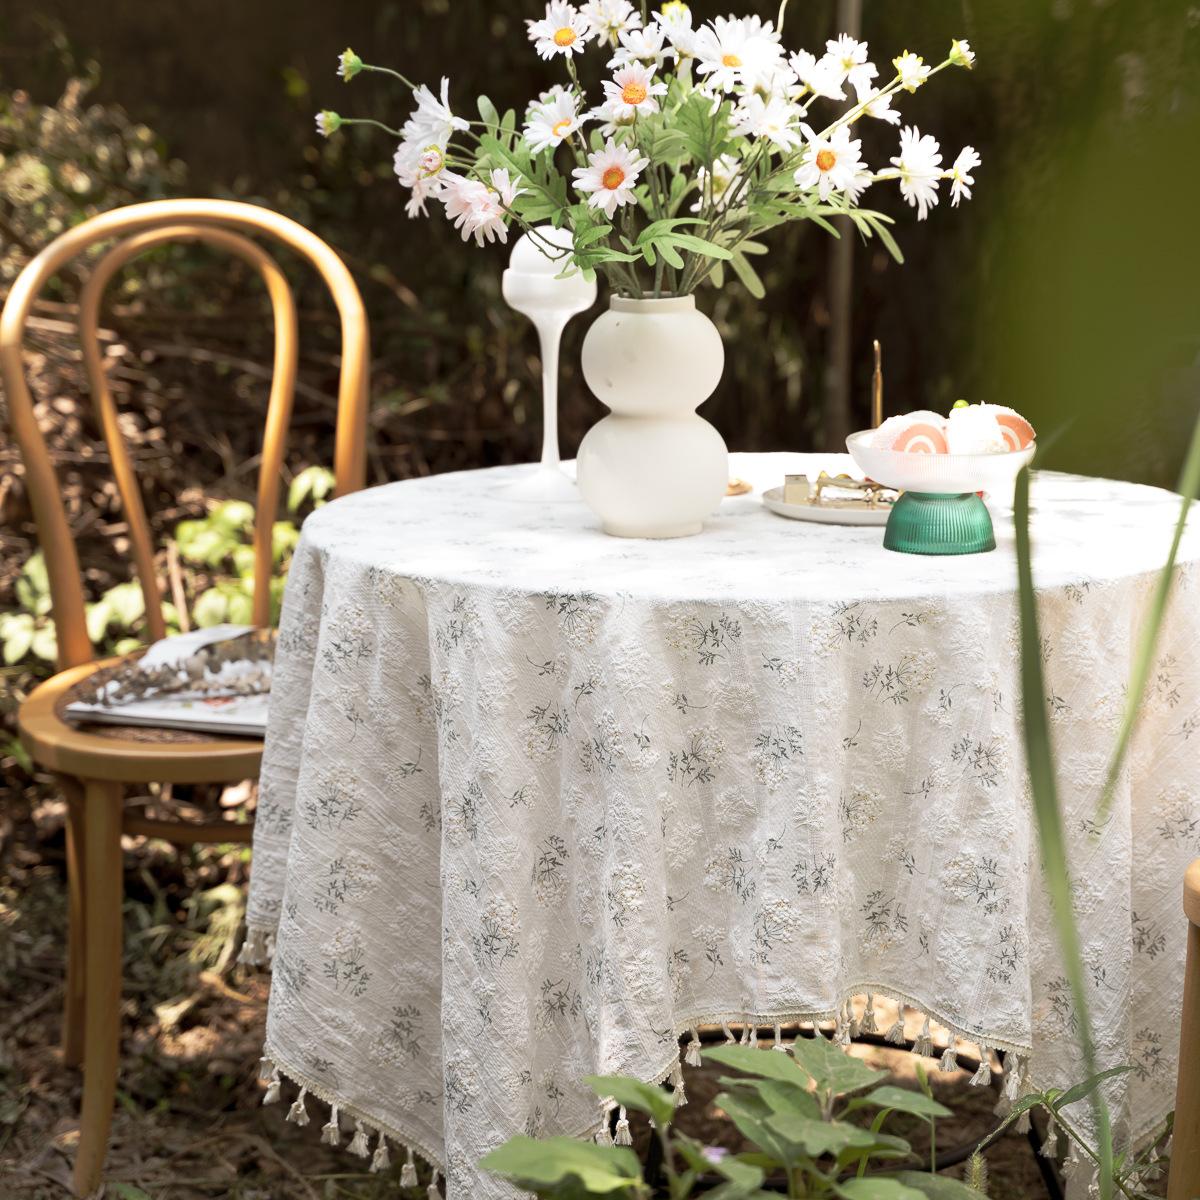 田园餐桌布 ins小清新丁香花碎花园棉麻台布艺美式茶几装饰野餐布